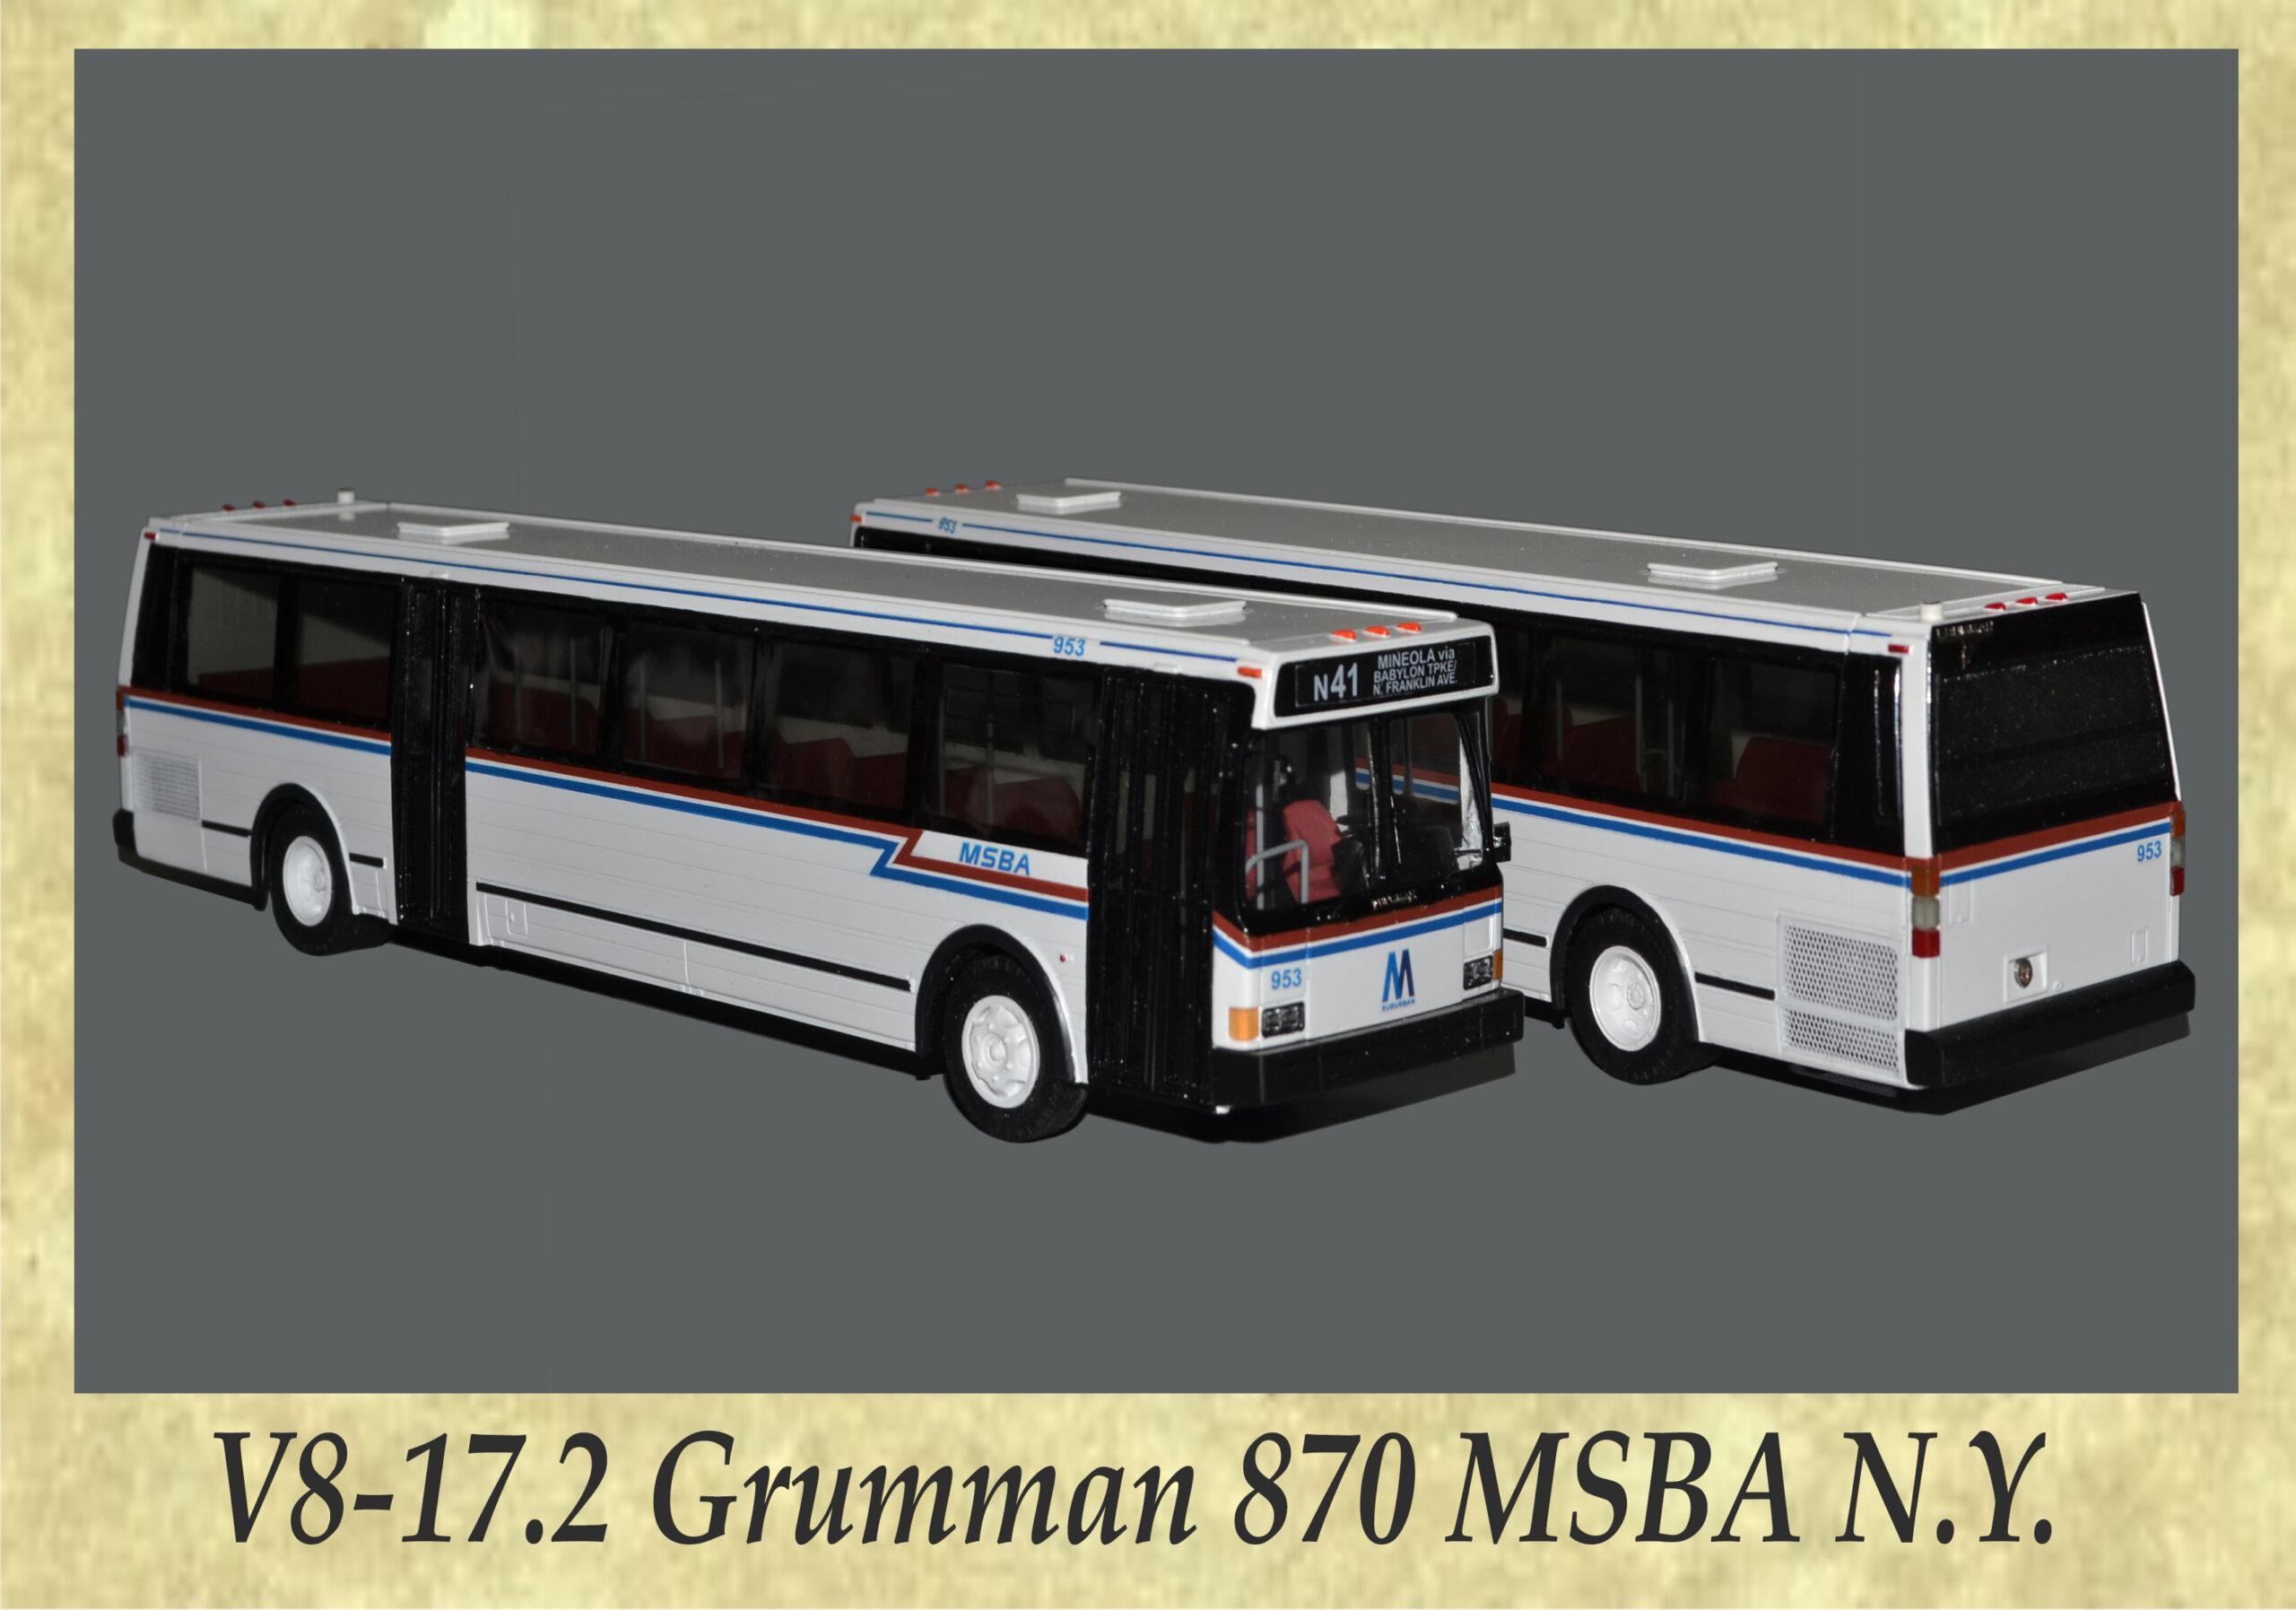 V8-17.2 Grumman 870 MSBA N.Y.